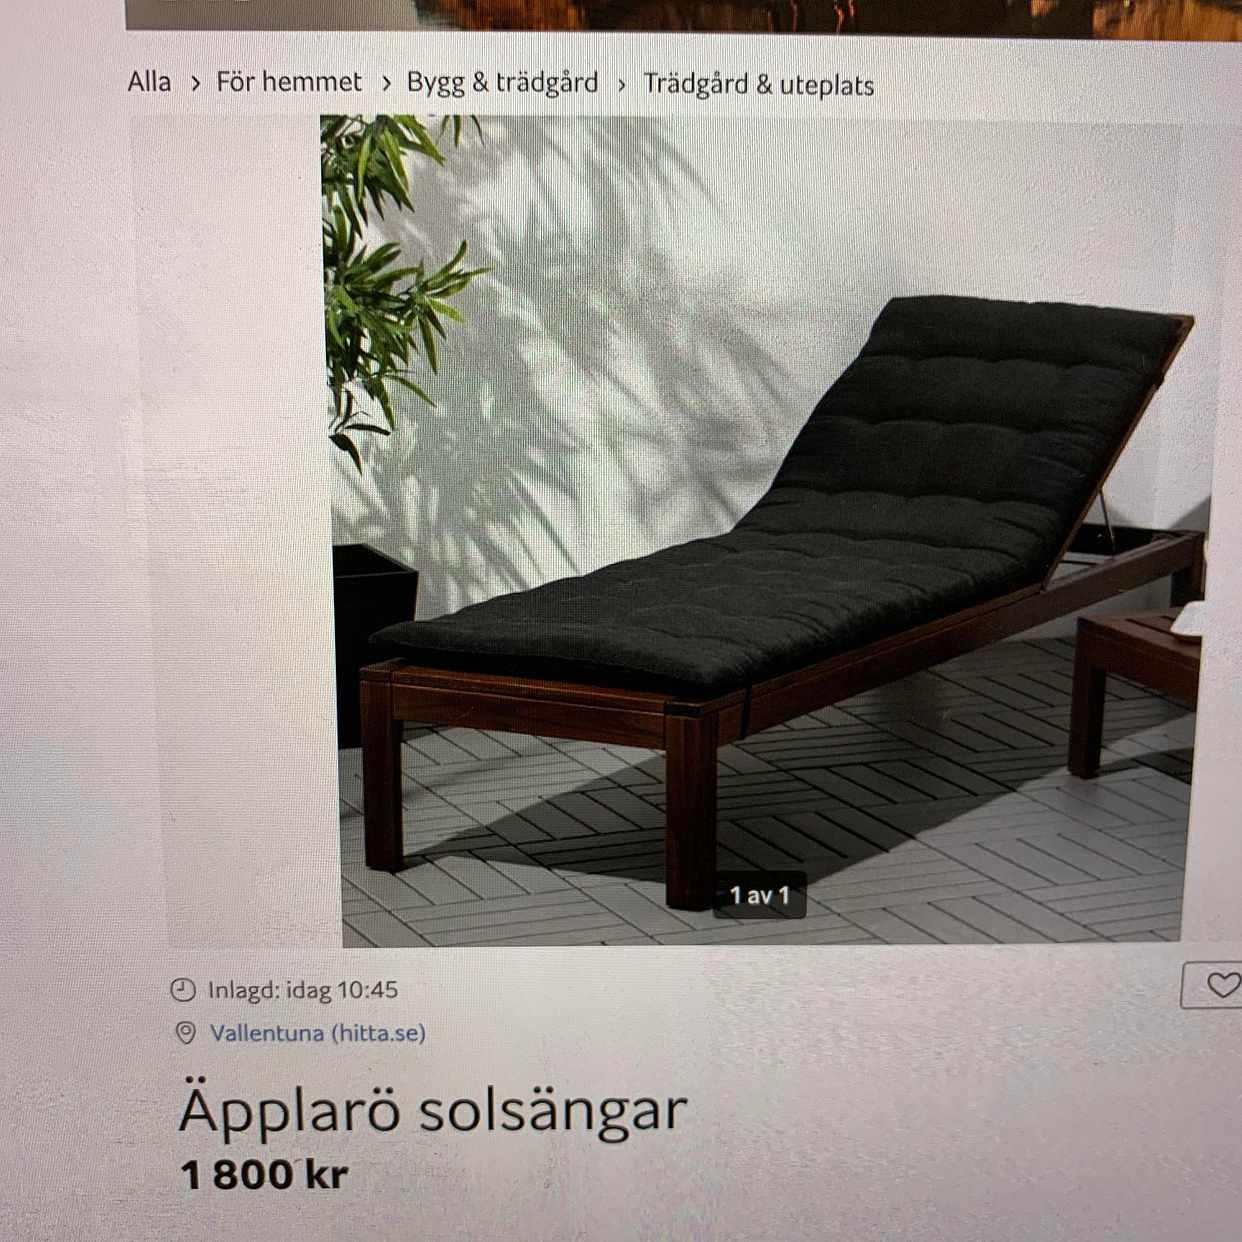 image of Hämta soffa för utomhus. -